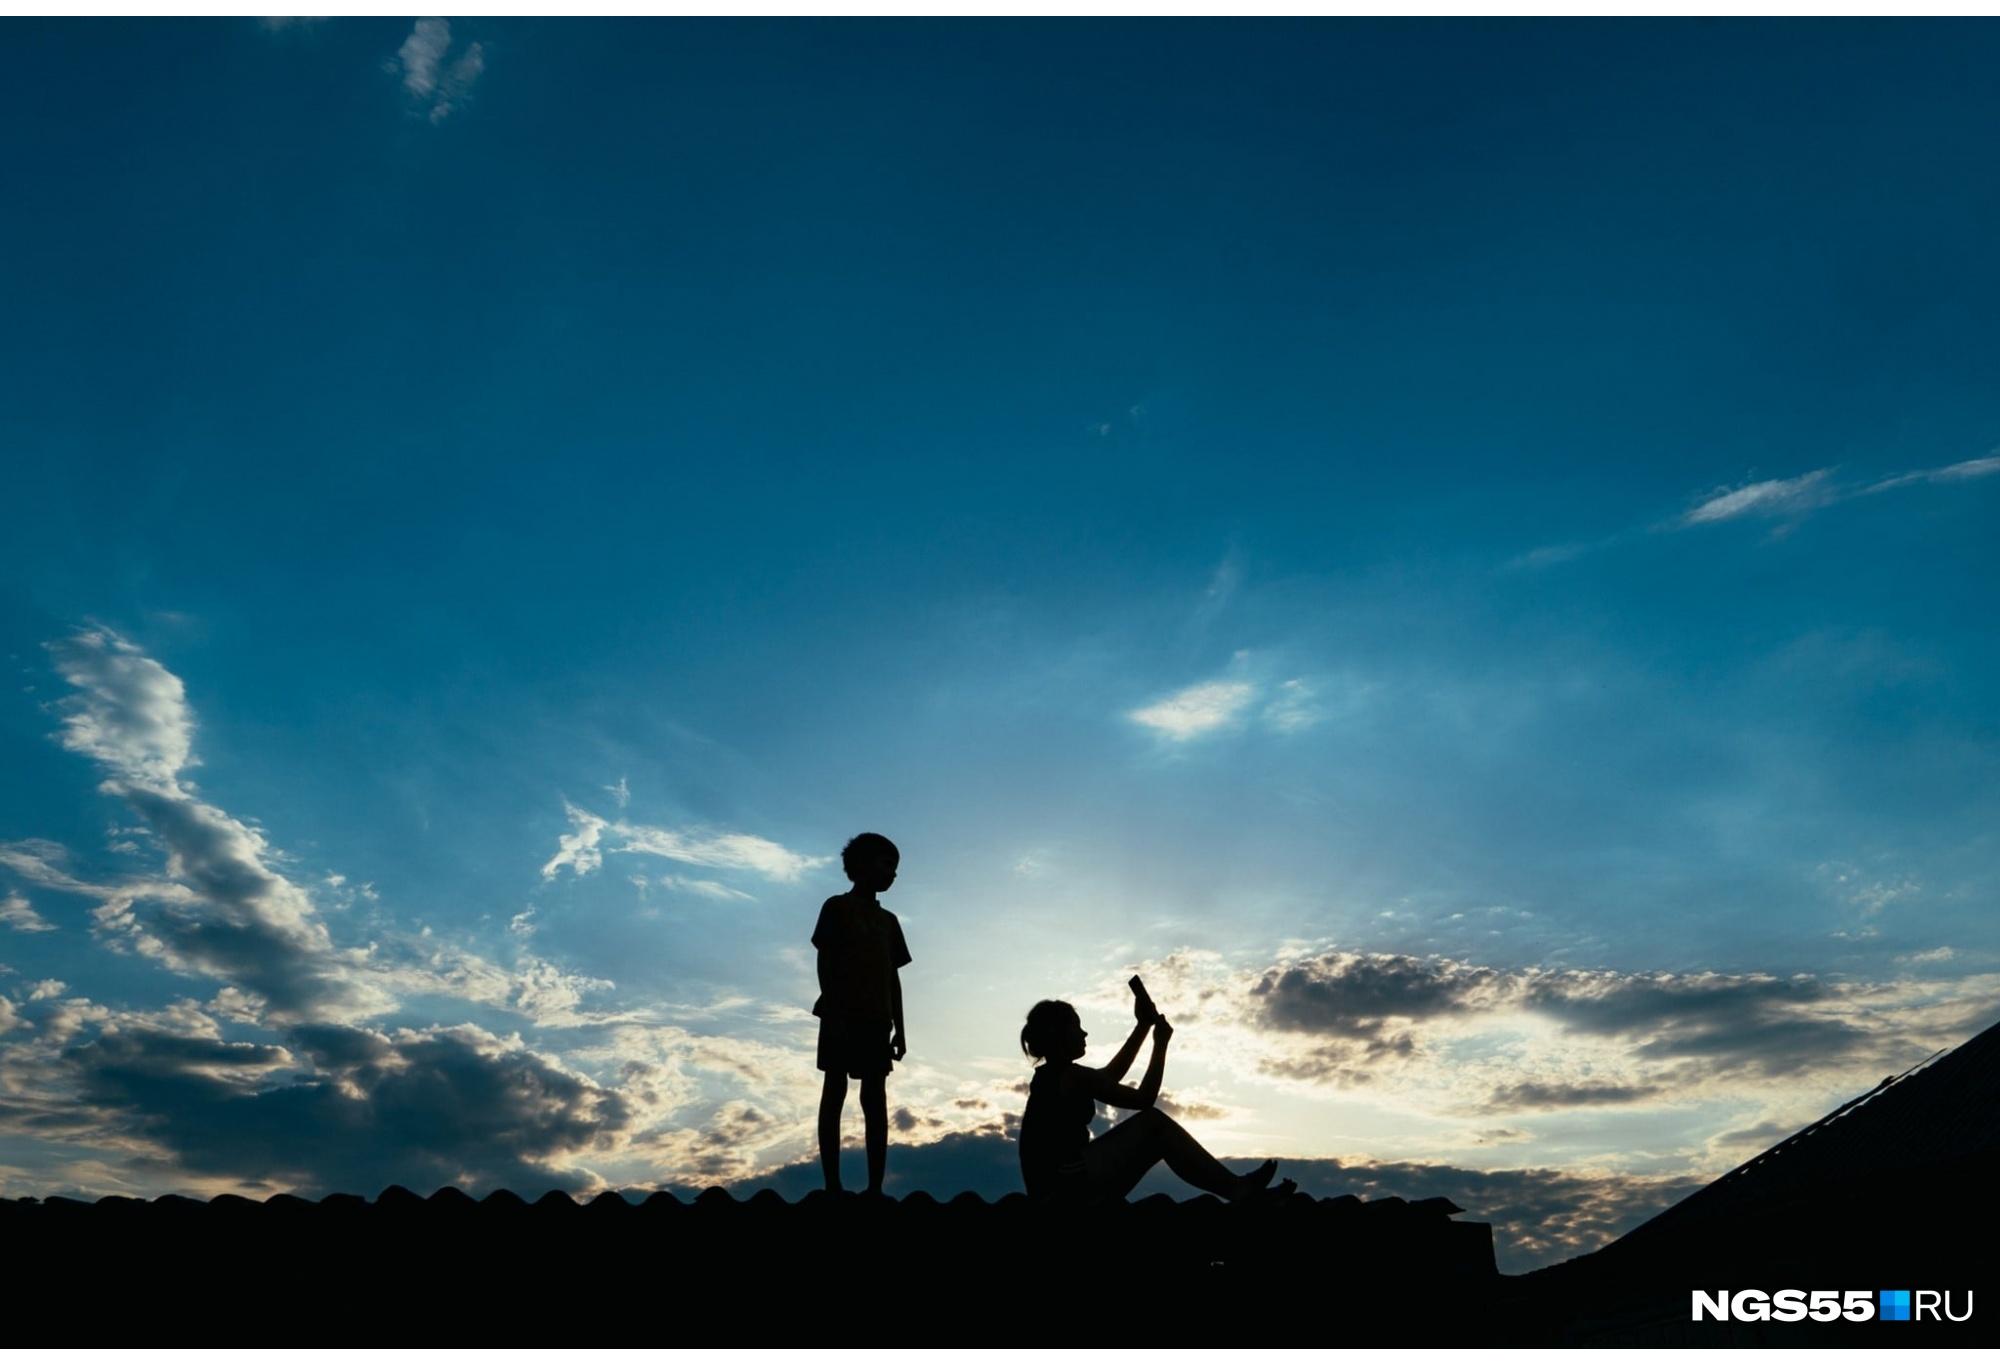 """Когда вслед за эпидемией пришло дистанционное обучение, открылась еще одна проблема. Во многих селах Омской области очень плохой интернет. <a href=""""https://ngs55.ru/text/education/2020/05/22/69270730/"""" target=""""_blank"""" class=""""_"""">Ученики деревни Танатово</a> ради домашнего задания забирались на крыши сараев, заборы и горки"""